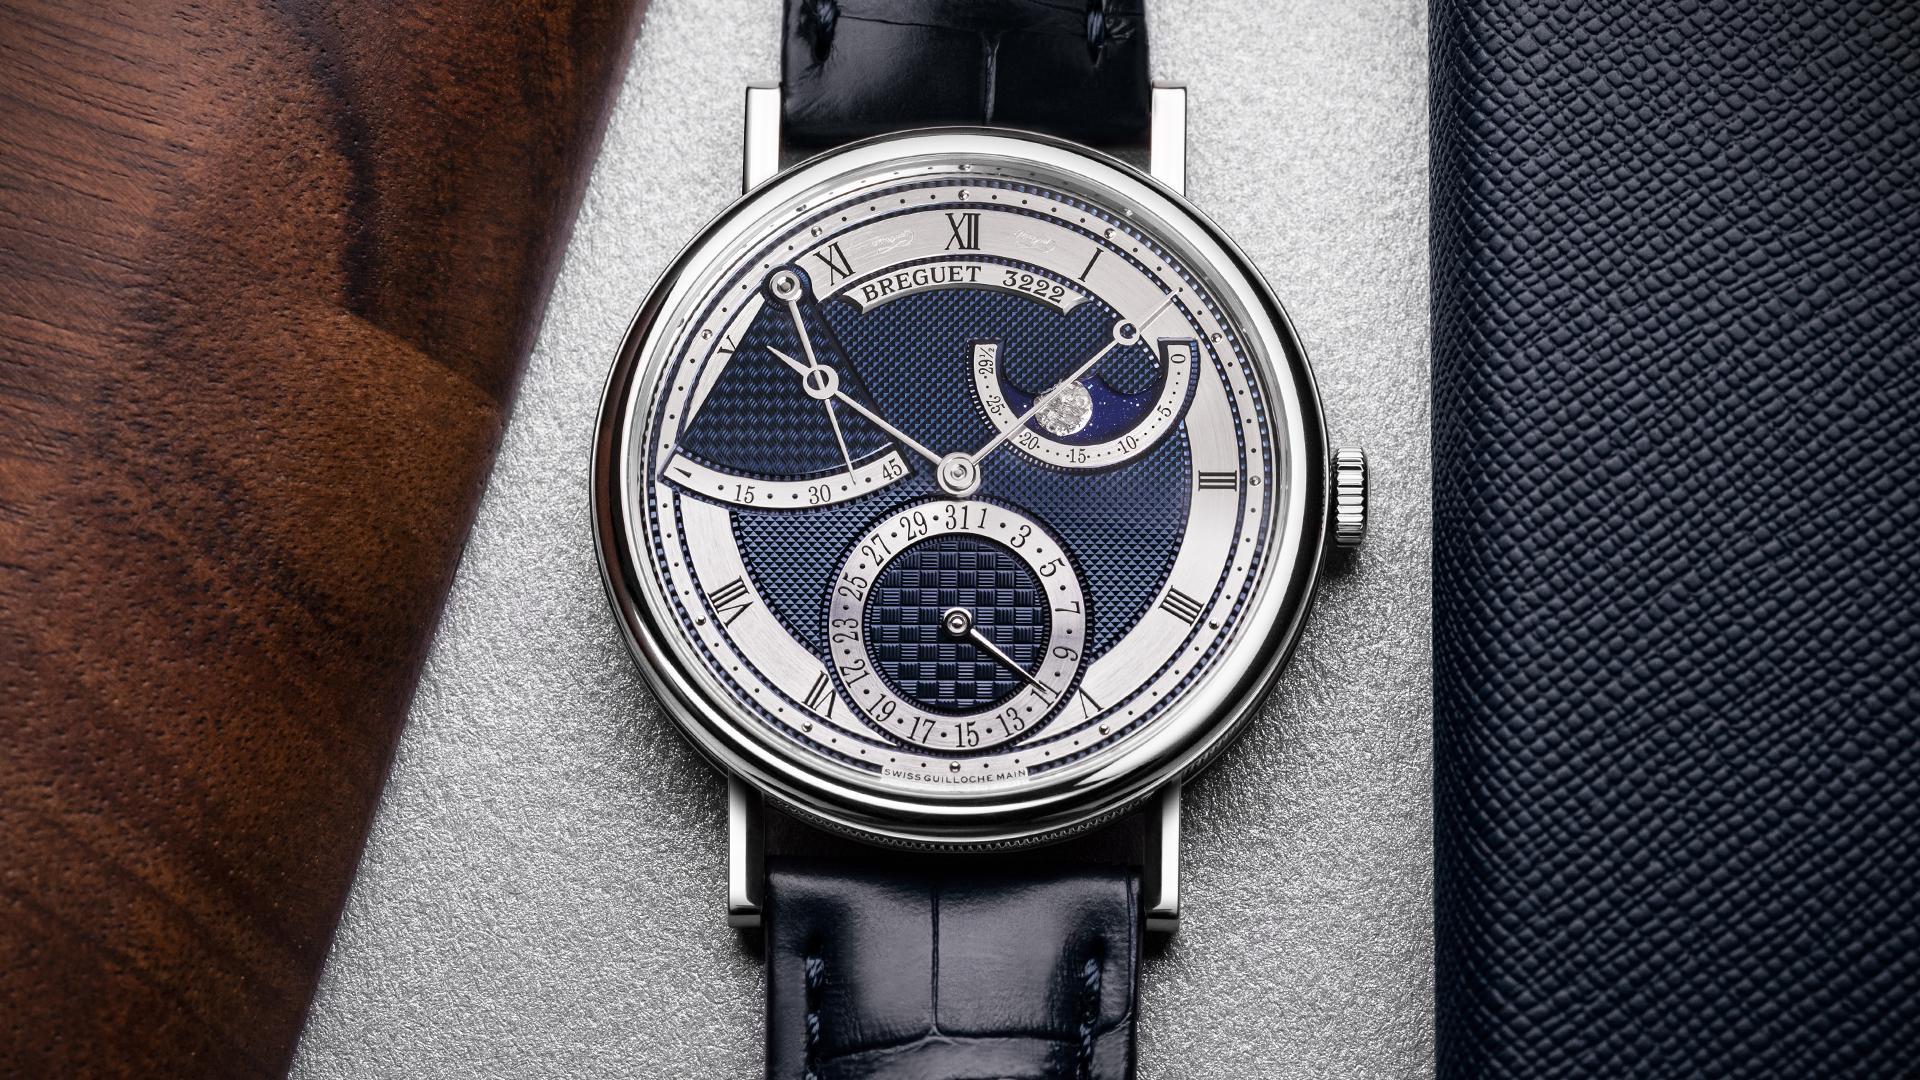 Breguet Classique 7137 watch